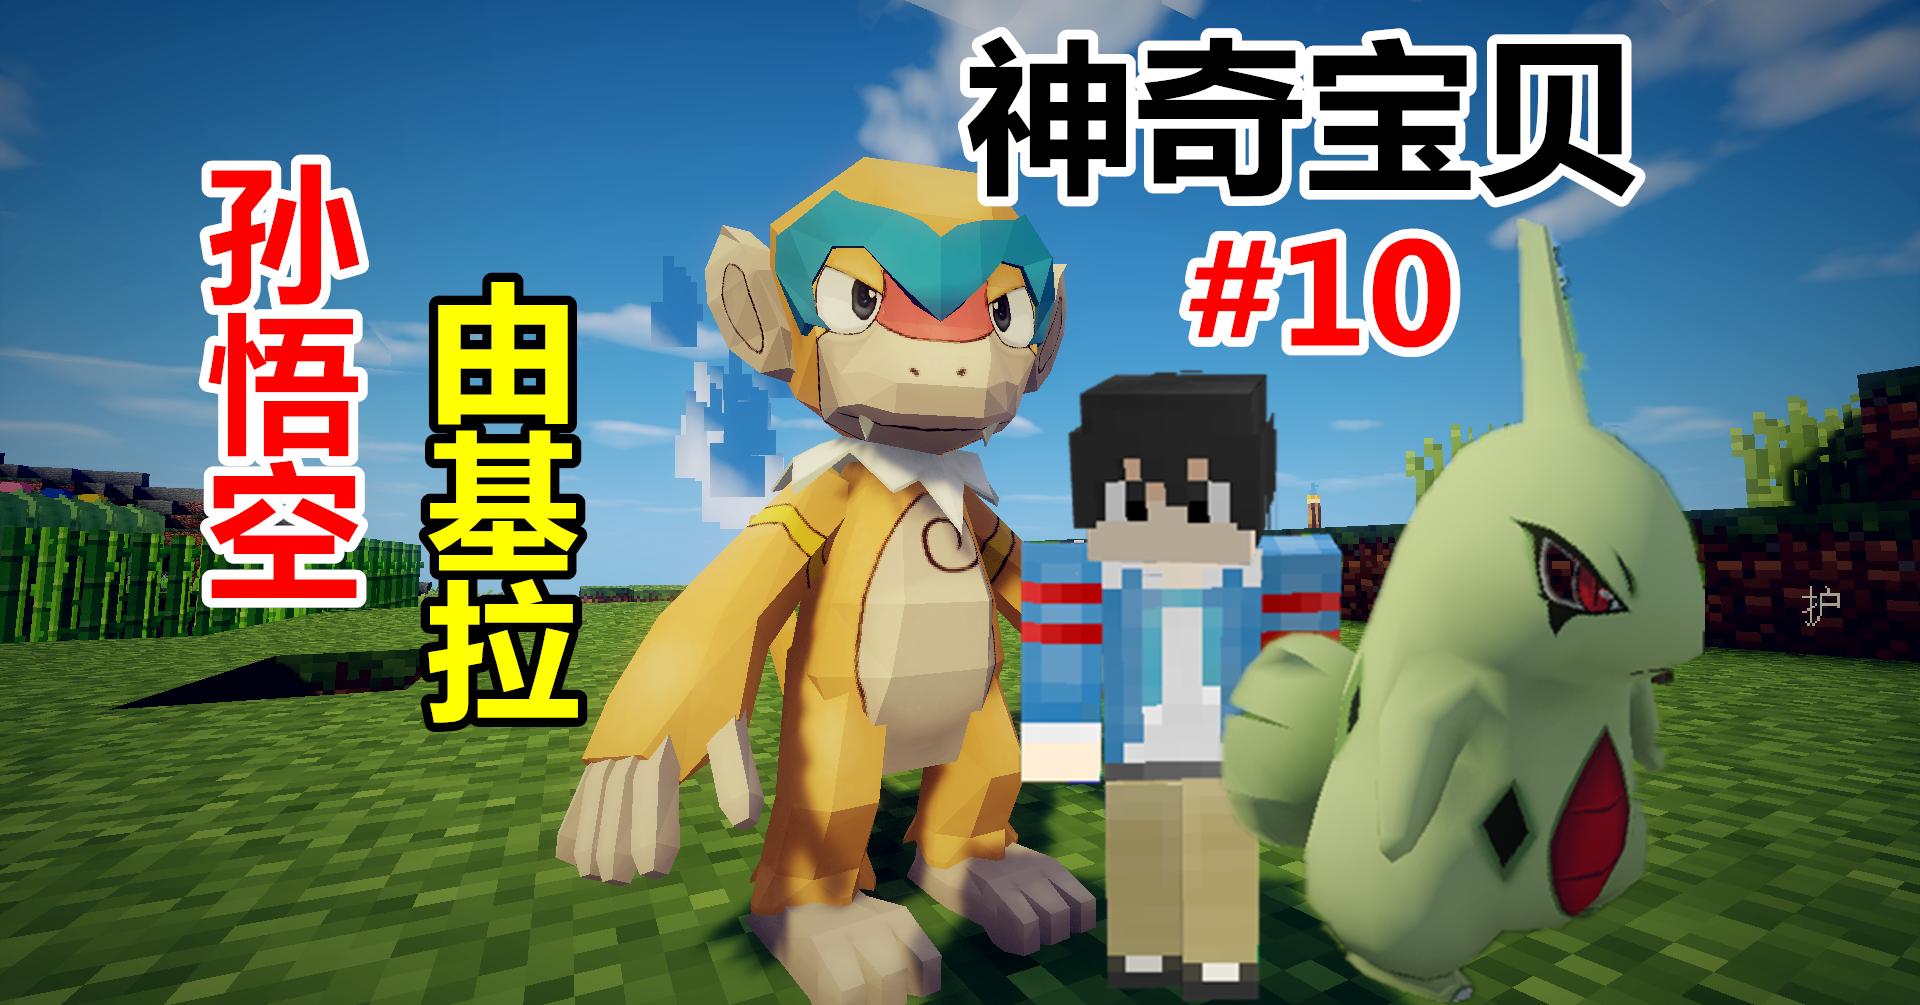 【悠然小天】〓我的世界神奇宝贝〓ep.10 孙悟空 由基拉